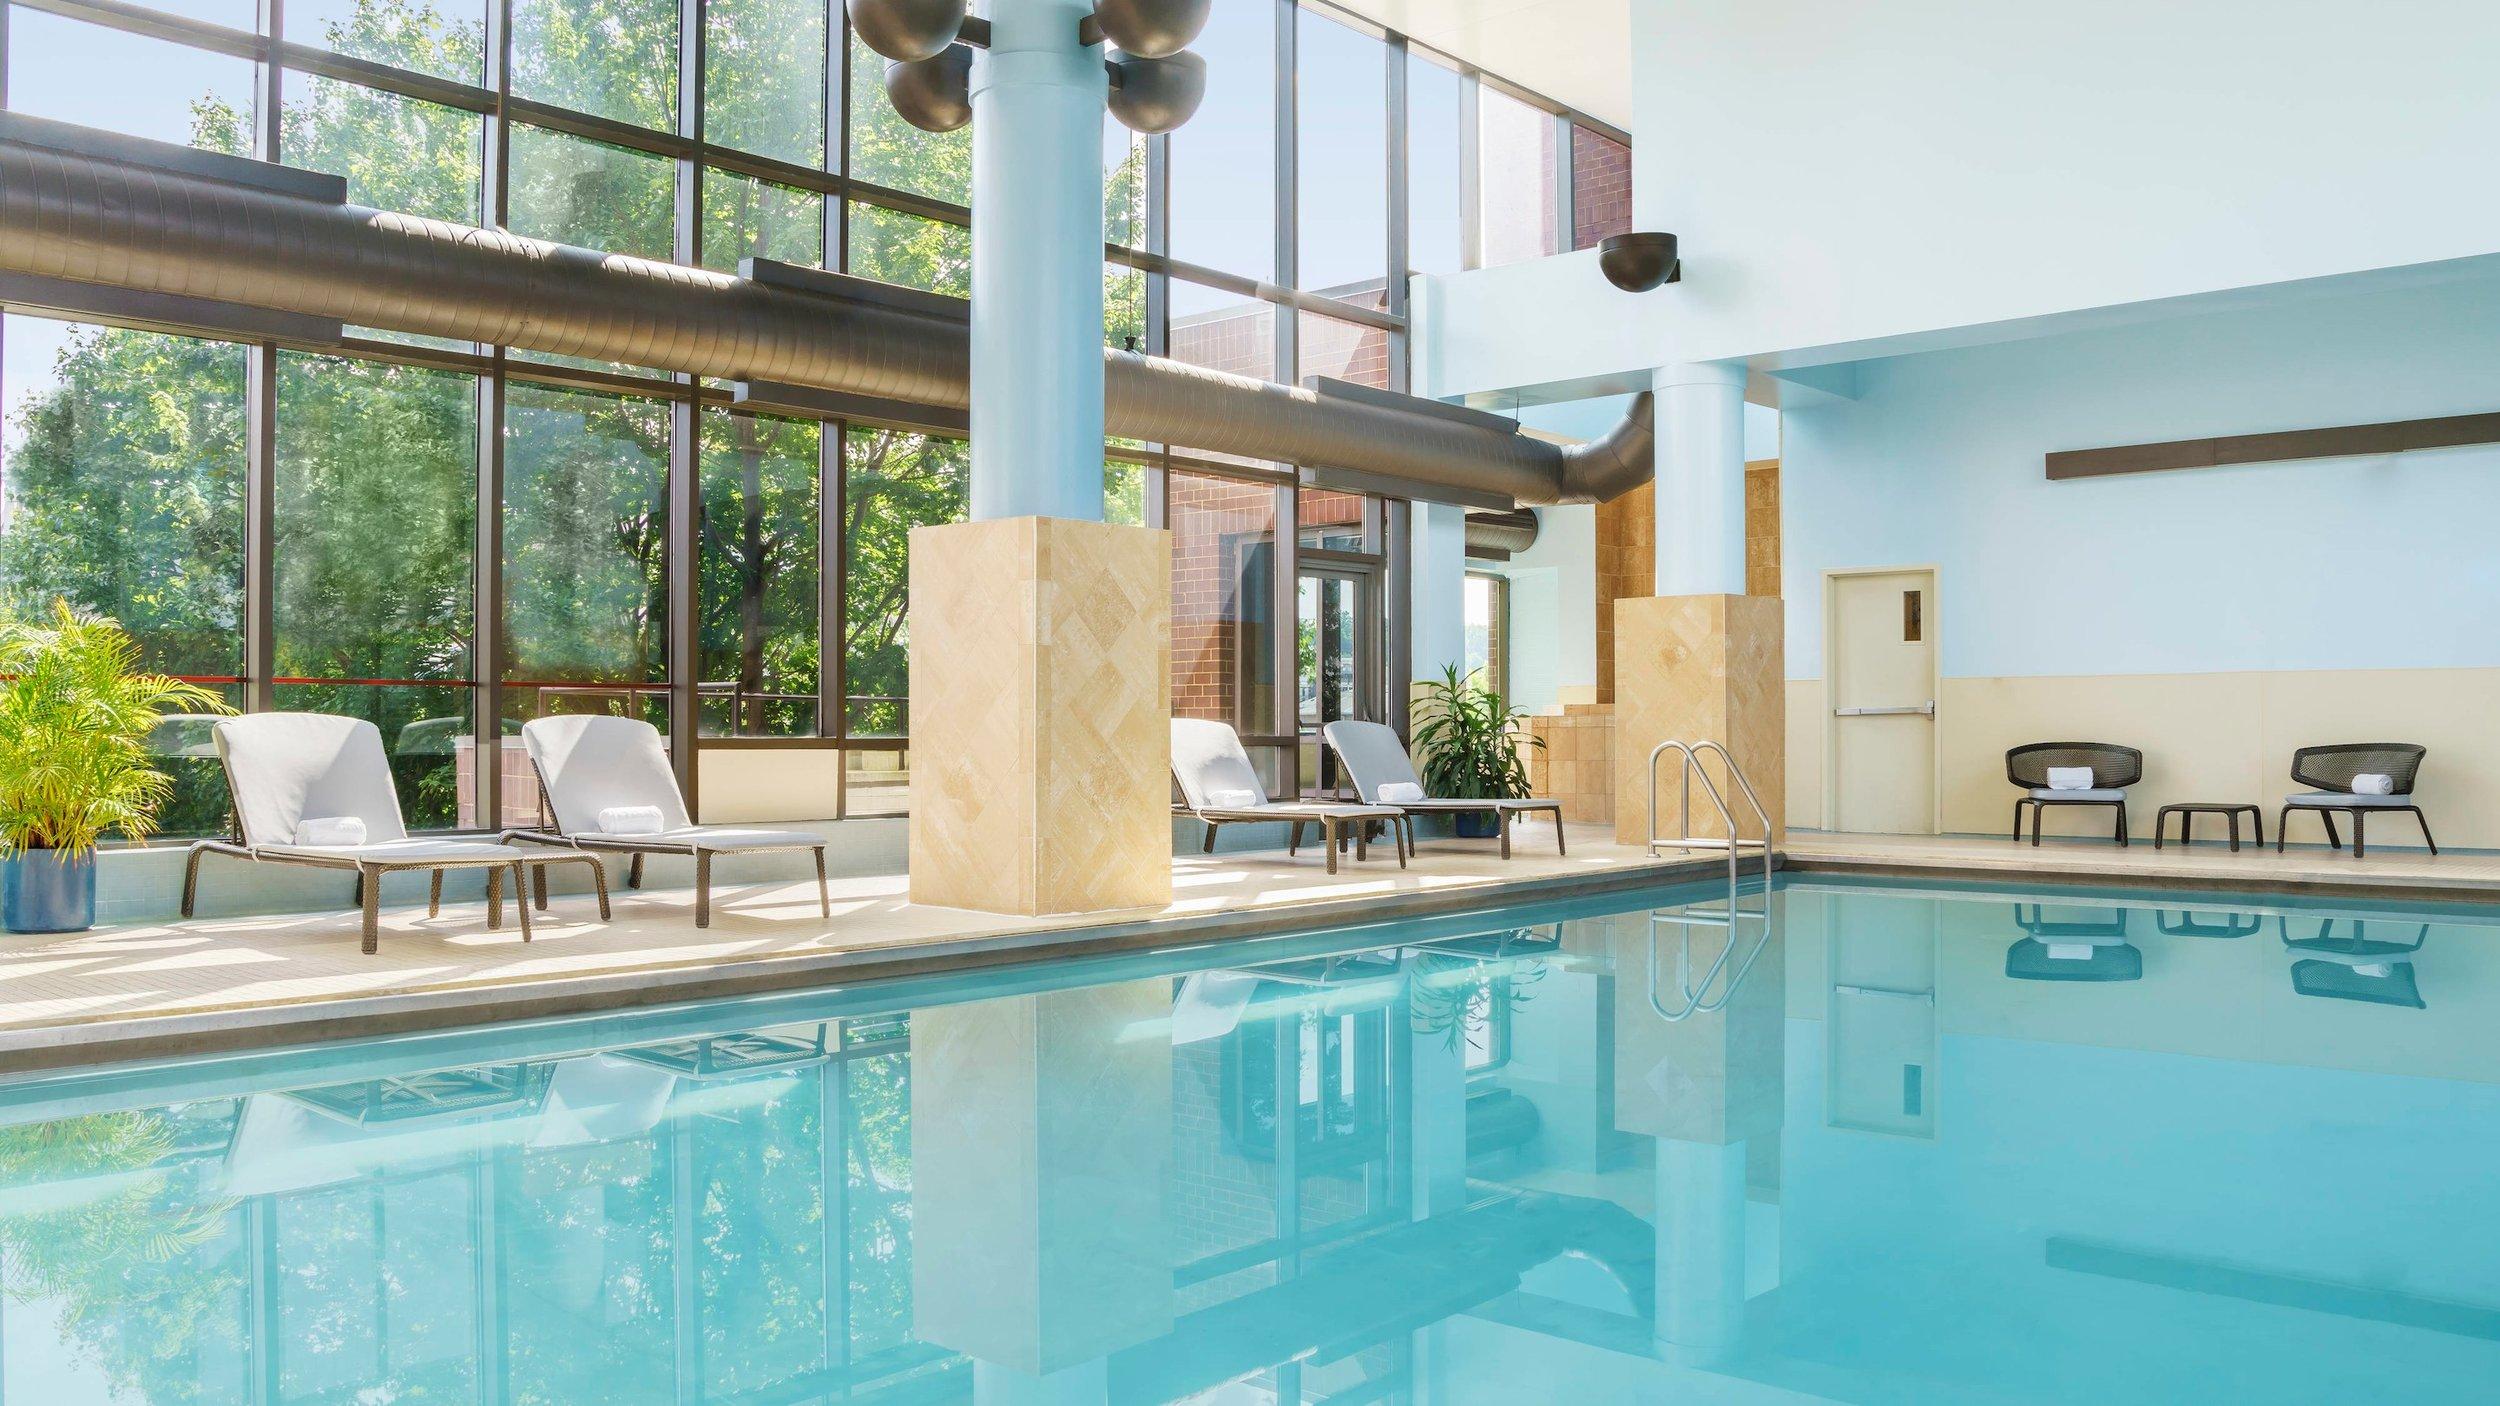 bwins-pool-5594-hor-wide.jpg